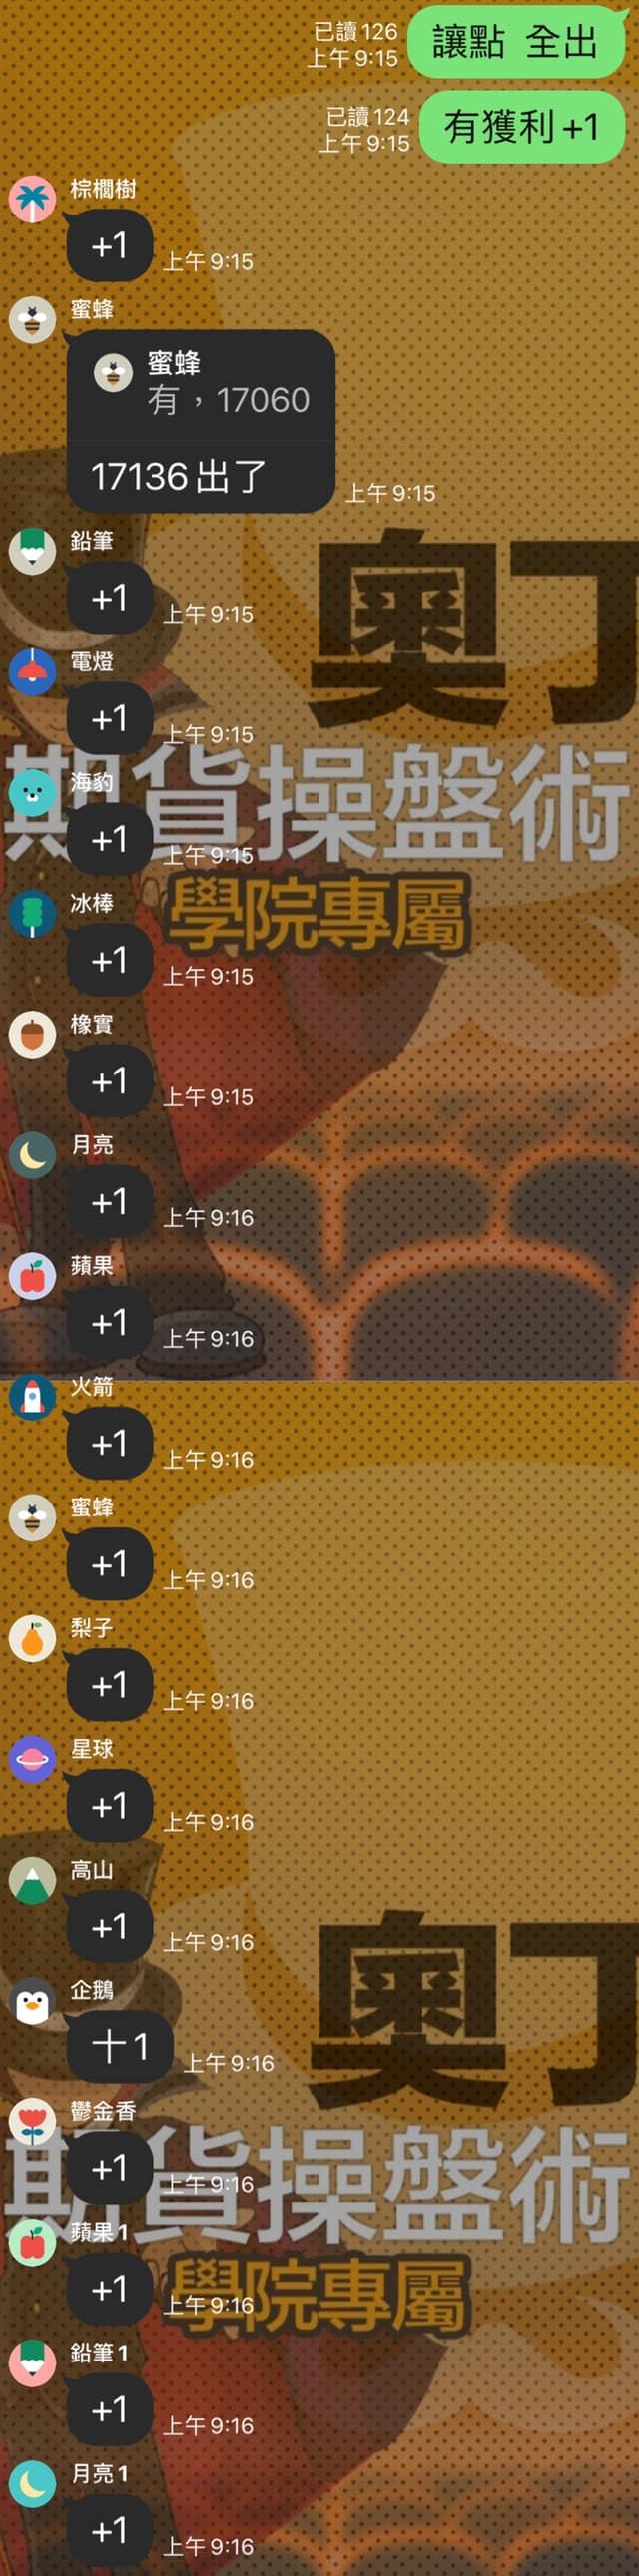 04月26日~~~台北即時奧丁當沖研討會準時開打!!!